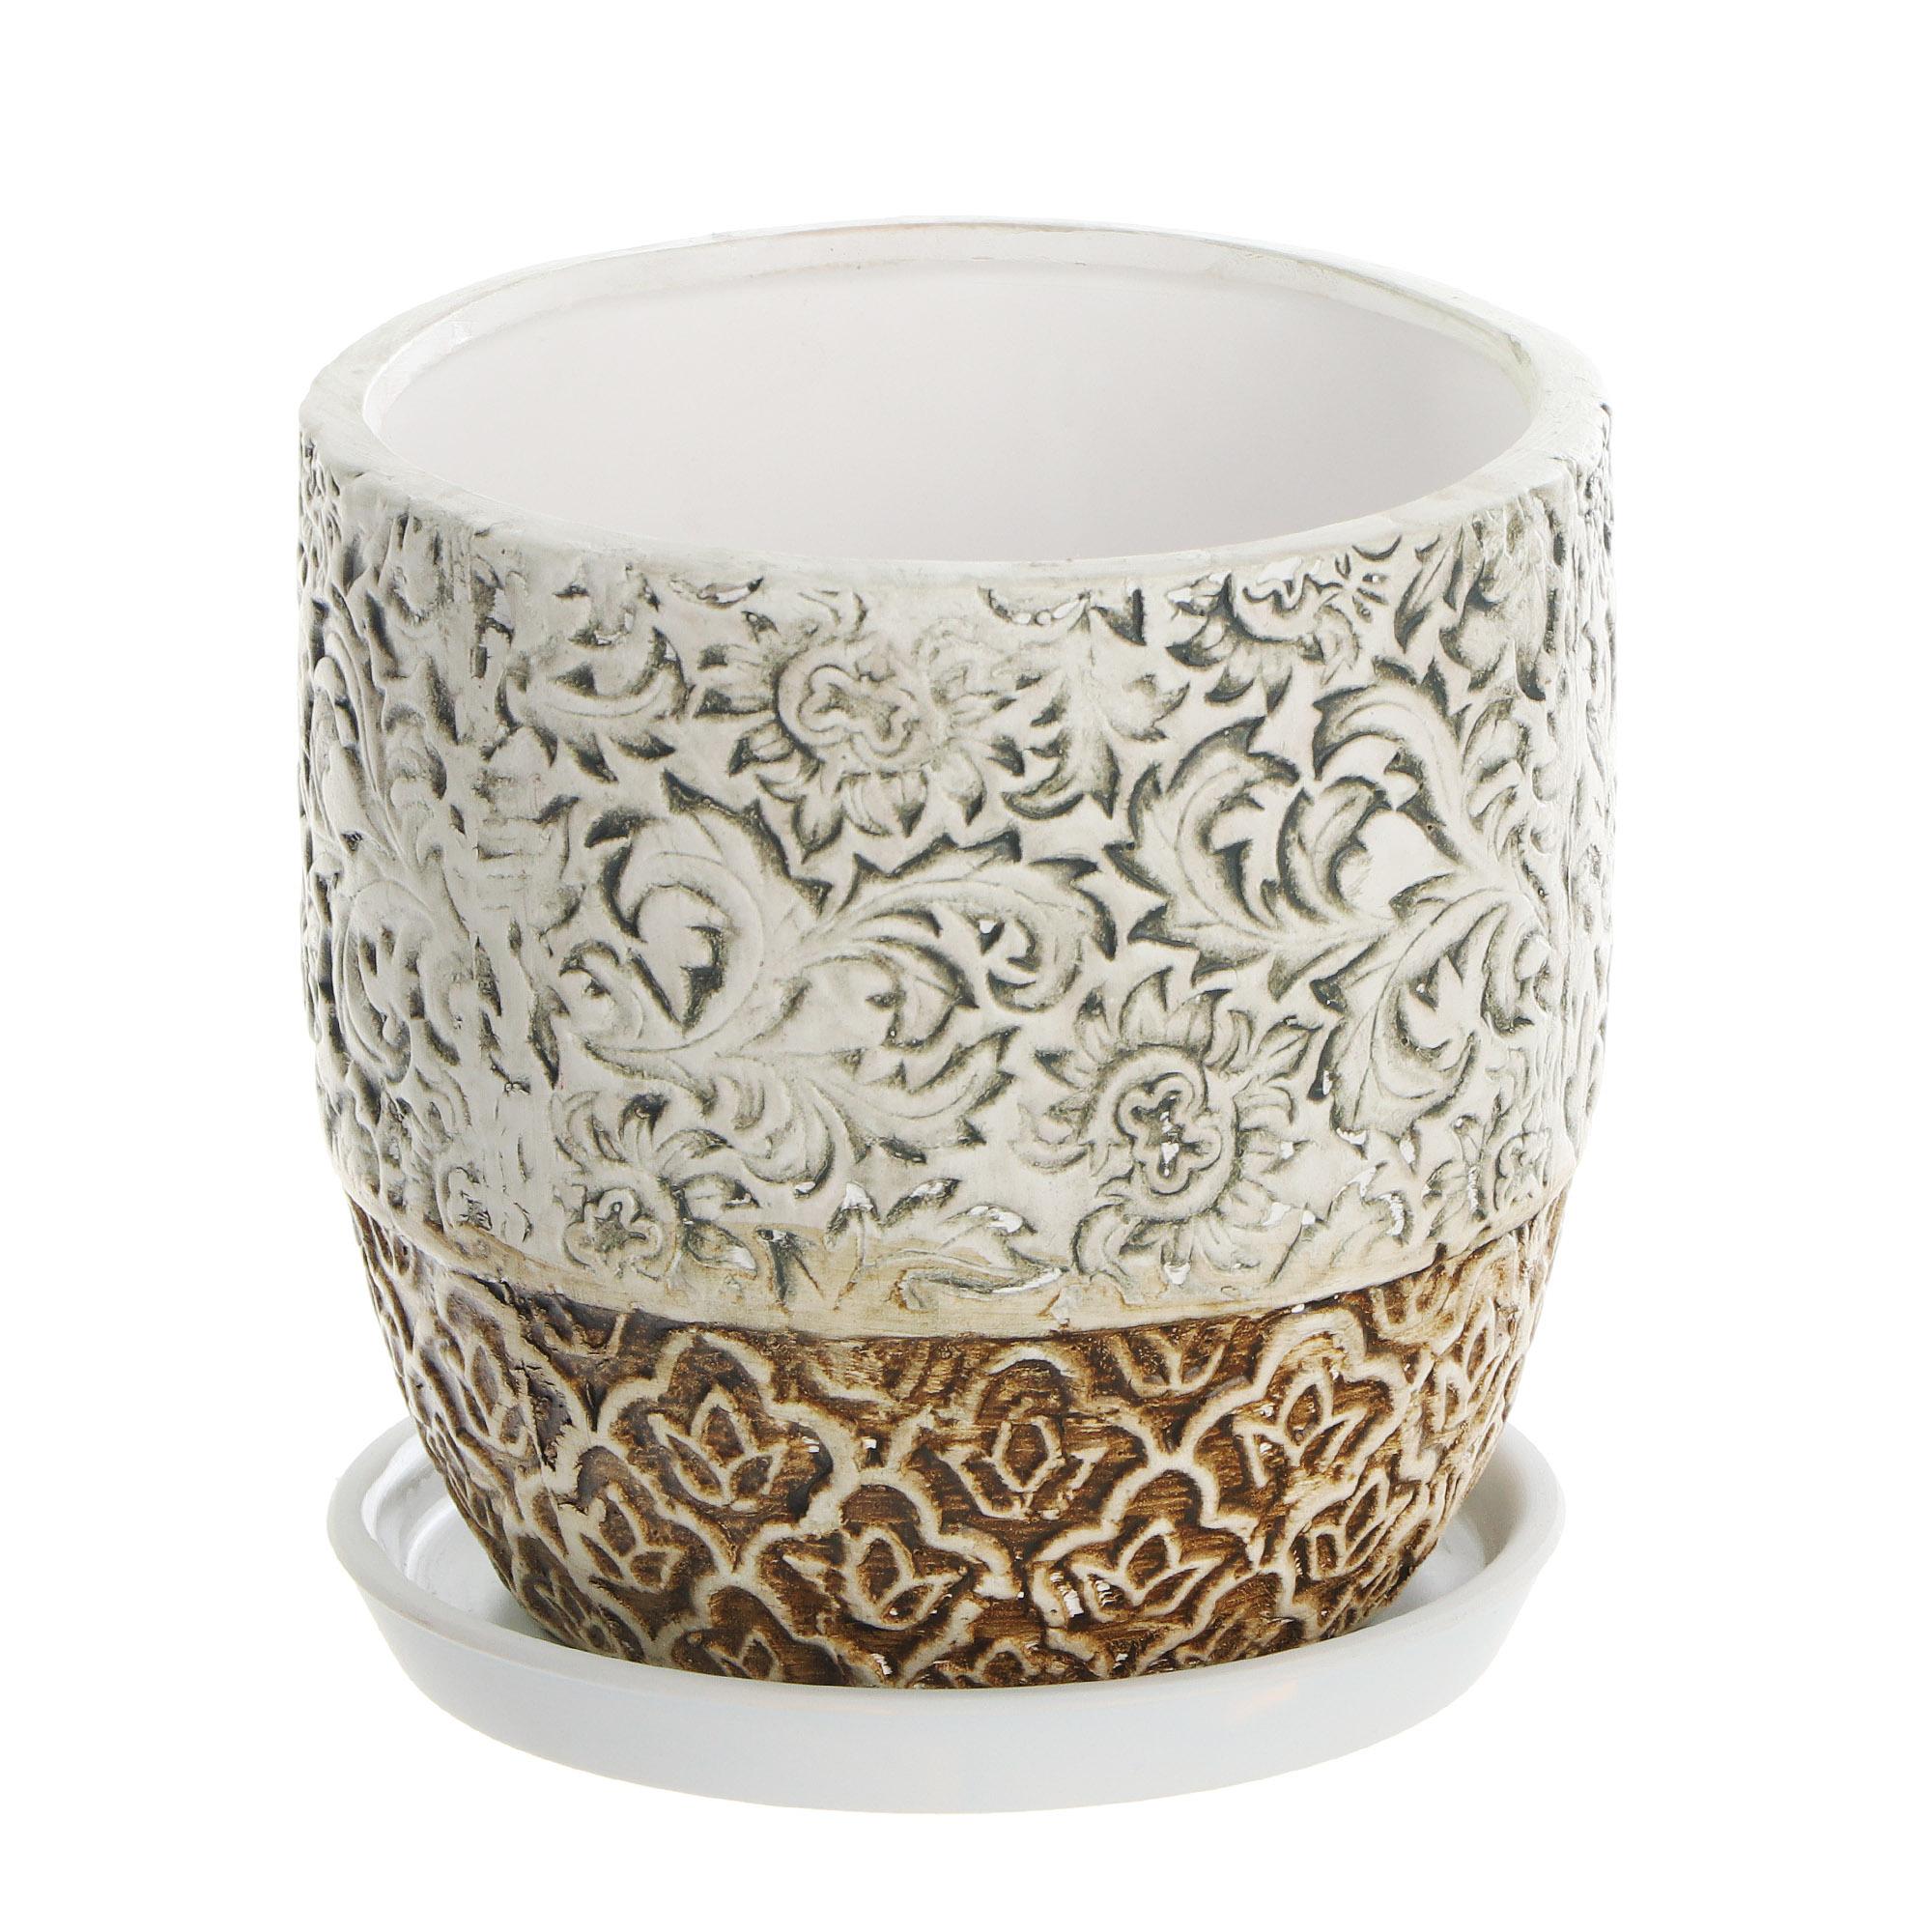 Горшок цветочный с поддоном Dehua ceramic flower pattern 15x15x14см